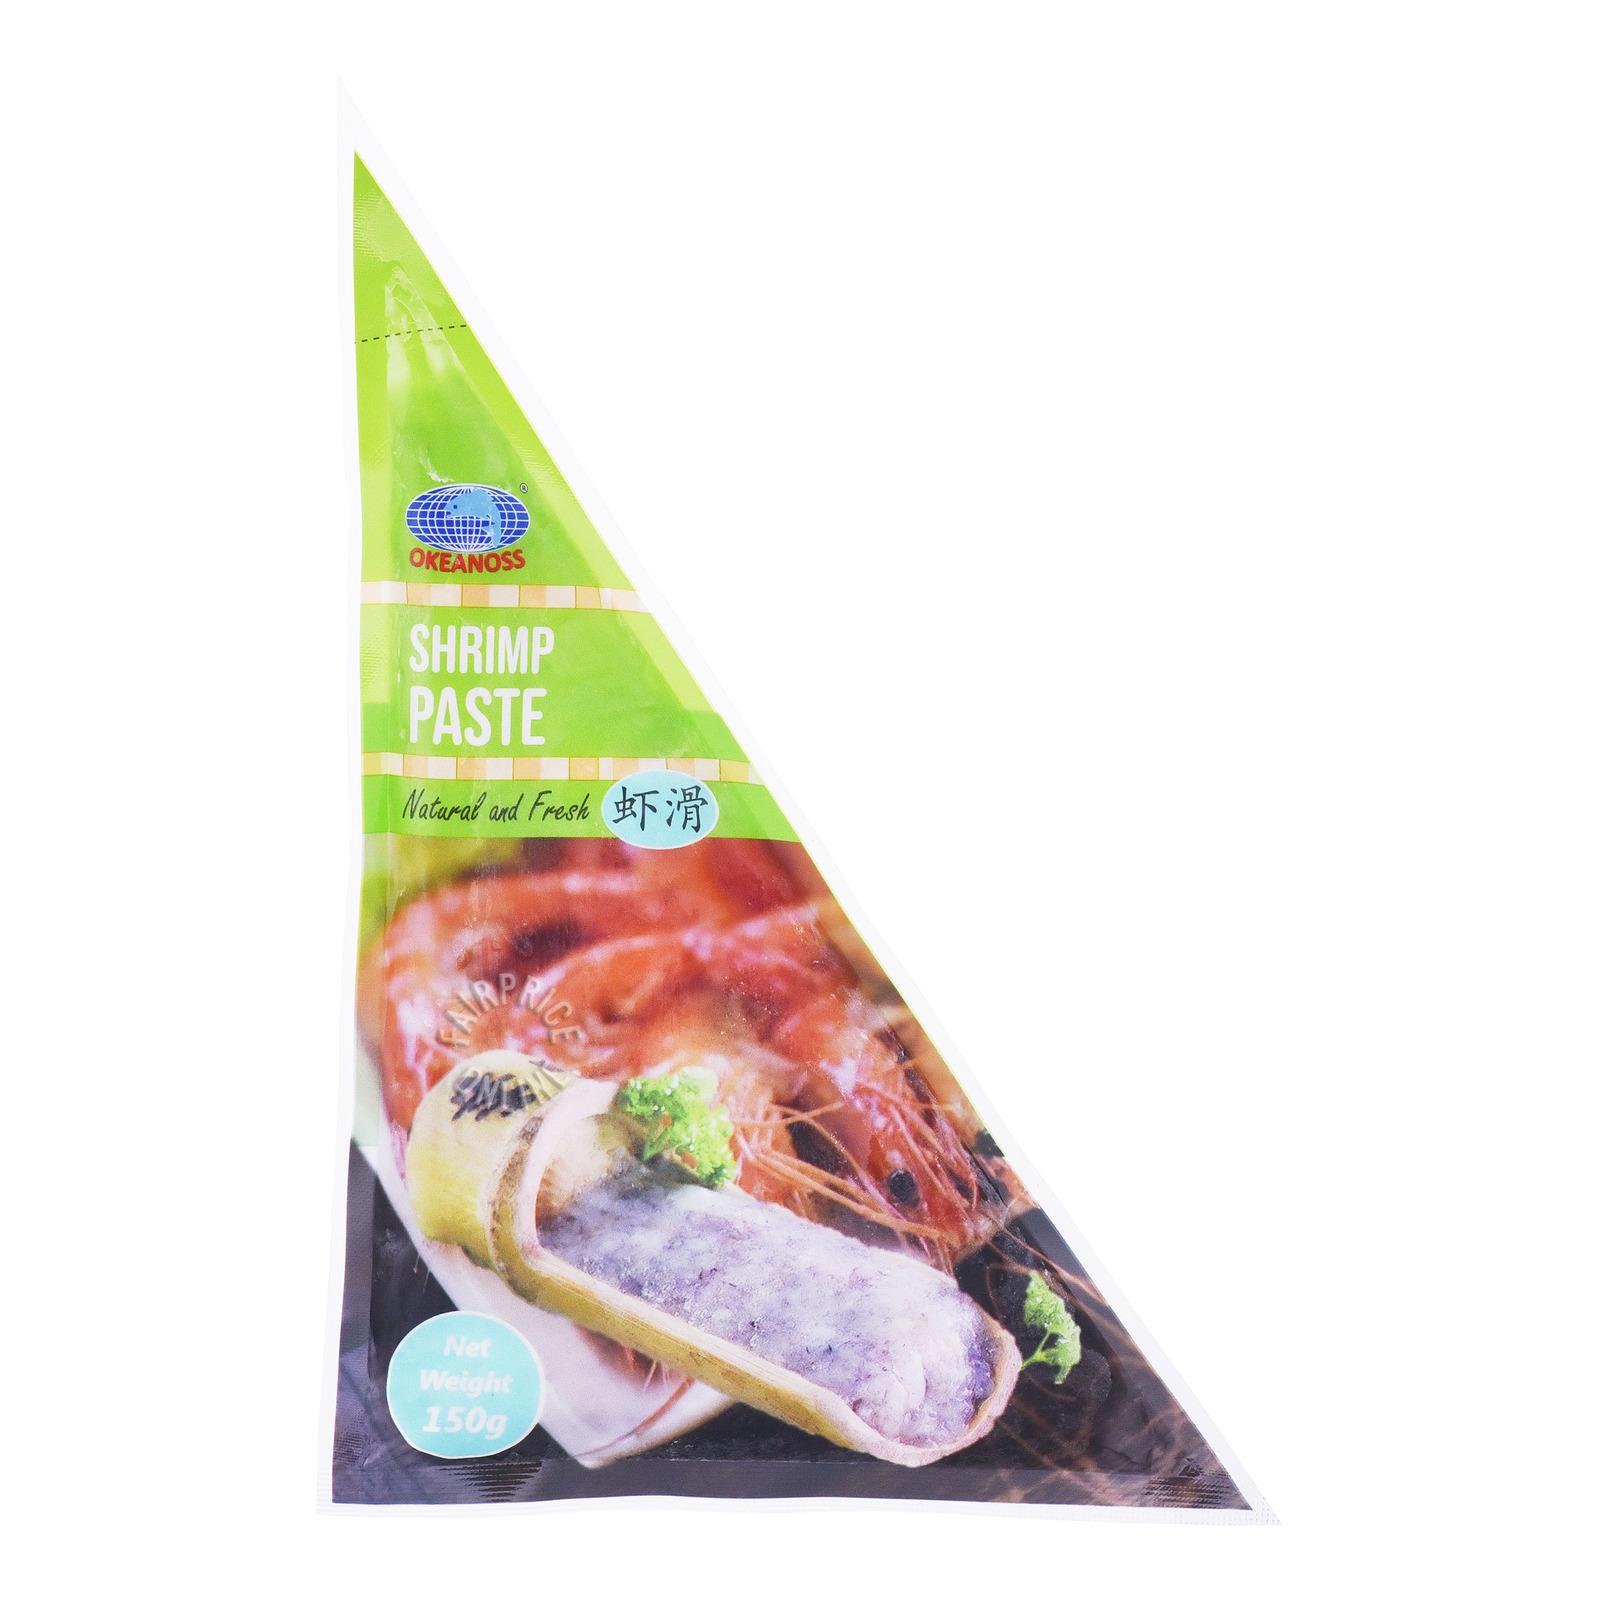 Okeanoss Frozen Shrimp Paste